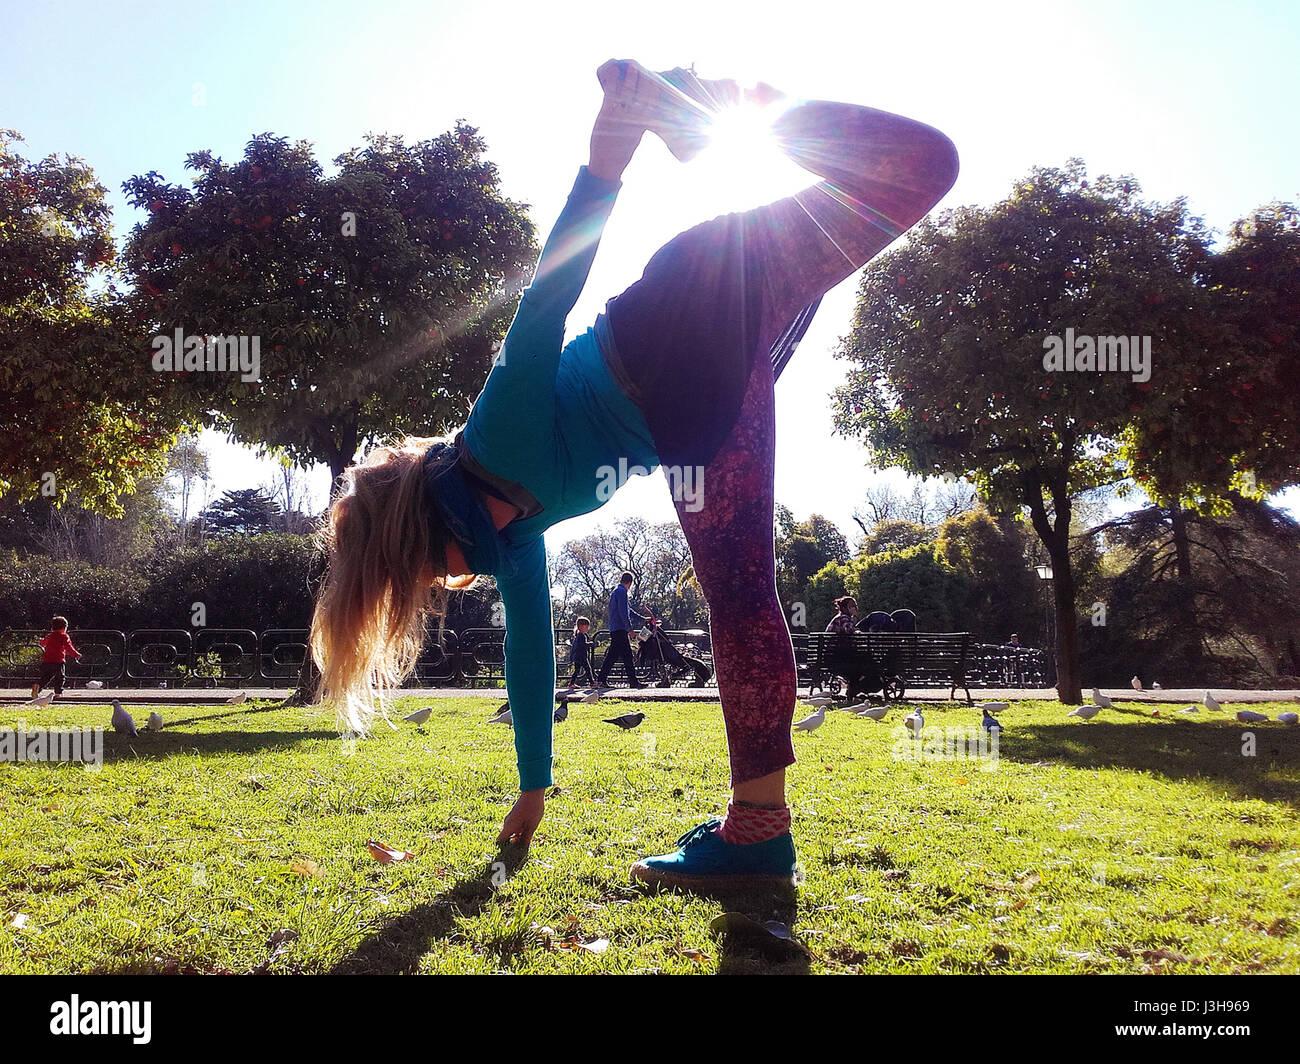 Spanien, Sevilla: Claudia ist eine professionelle Yoga-Lehrer, unterrichtet gegenwärtig Outdoor-Yoga-Kurse Stockbild